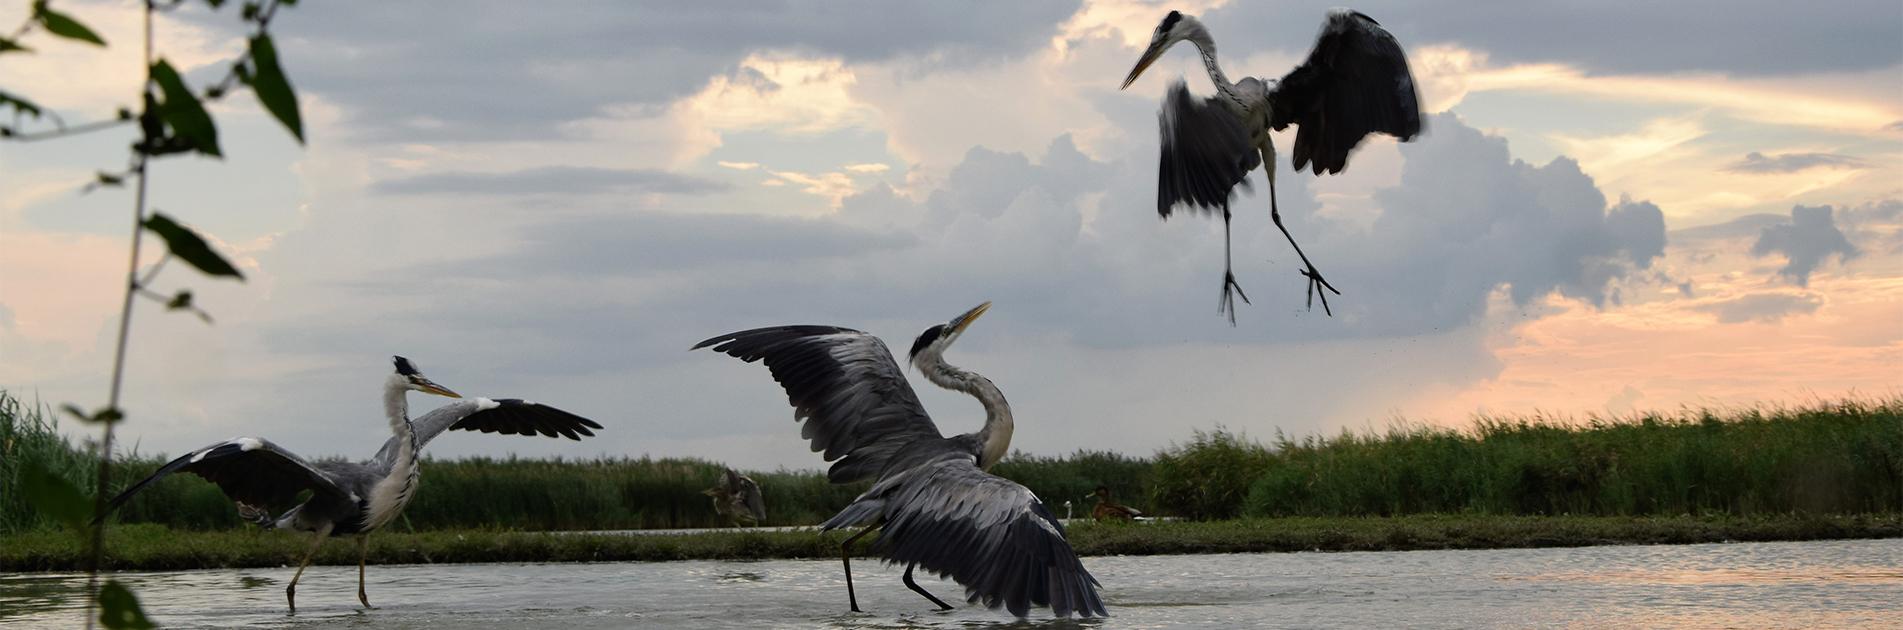 Birdlife in Hungary